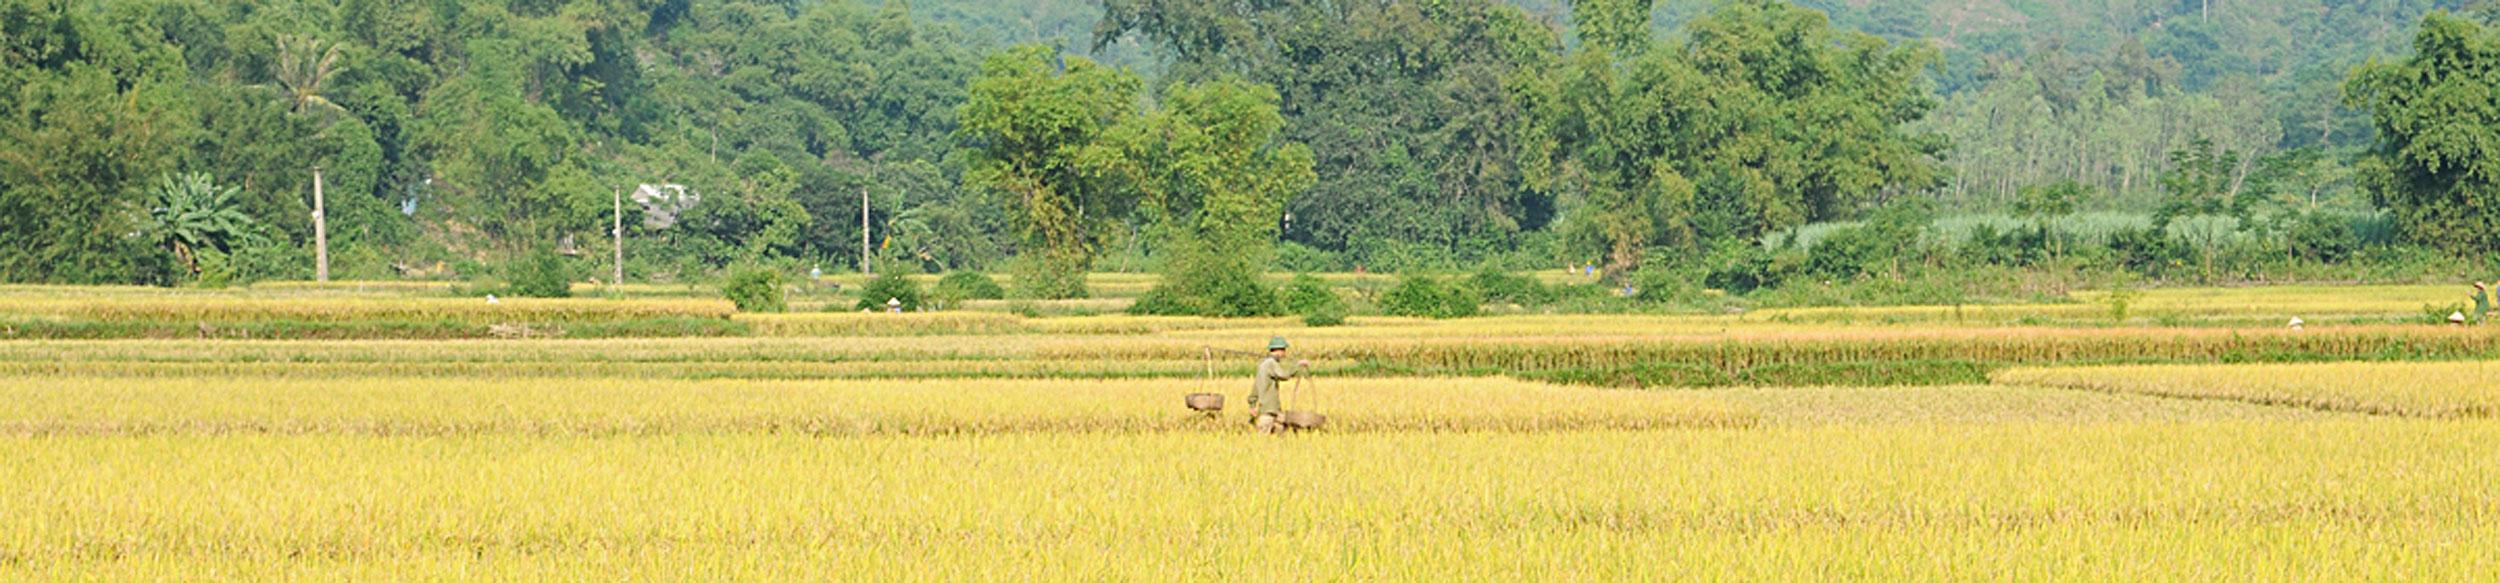 Montagnes et rizières à la vallée de Mai Chau